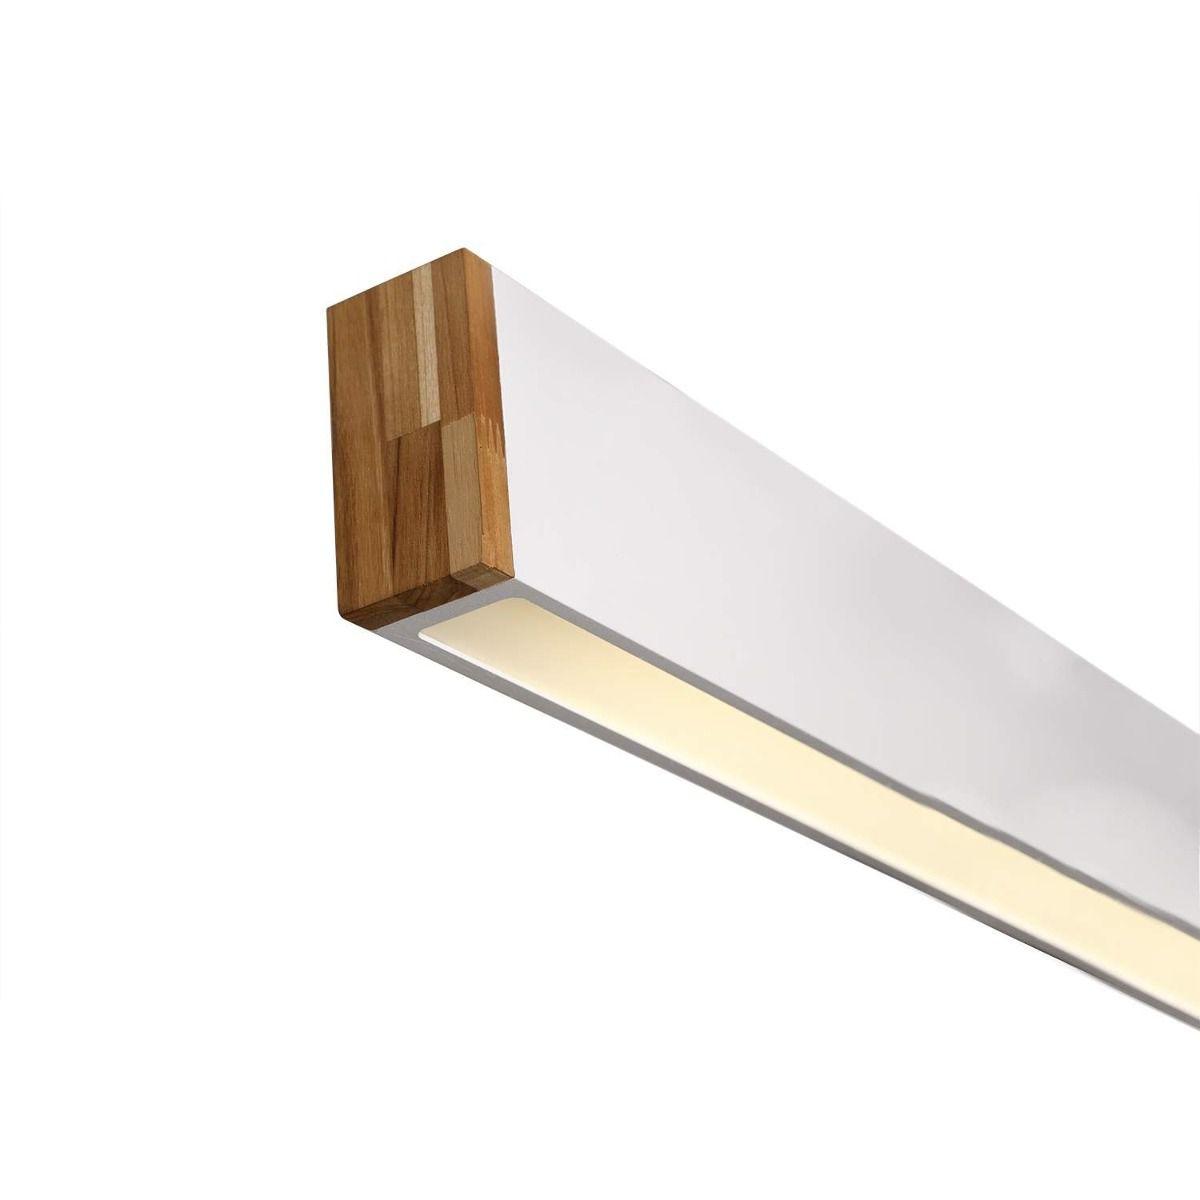 Luminária Plafon Retangular 1 Lâmp. 125cm Alumínio Branco e Madeira Arky